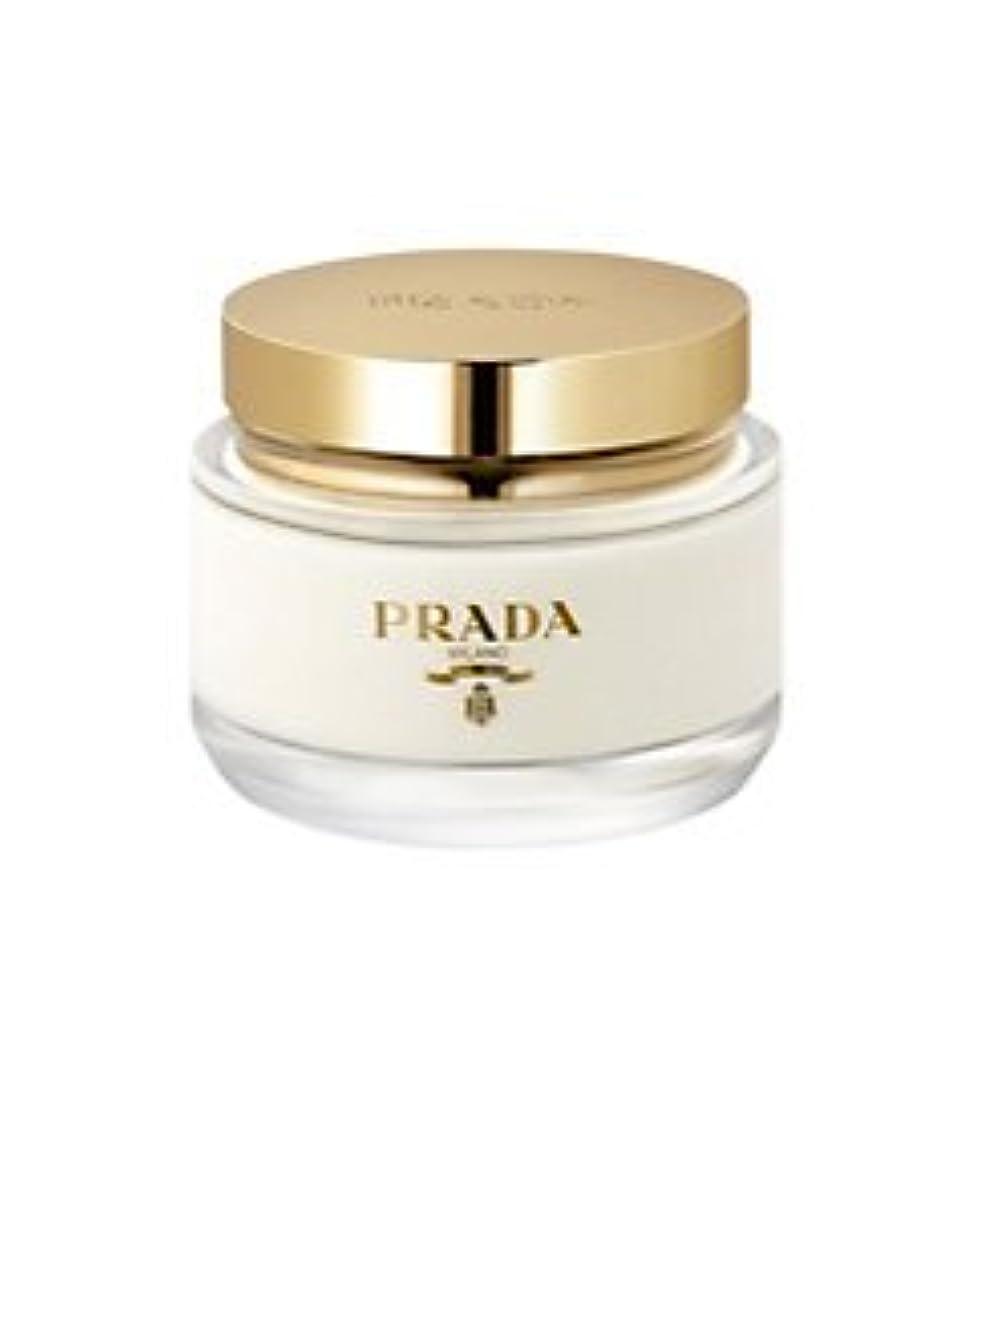 可聴デンマーク語割り当てLa Femme Prada (ラ フェム プラダ) 6.7 oz (200ml) Body Cream for Women